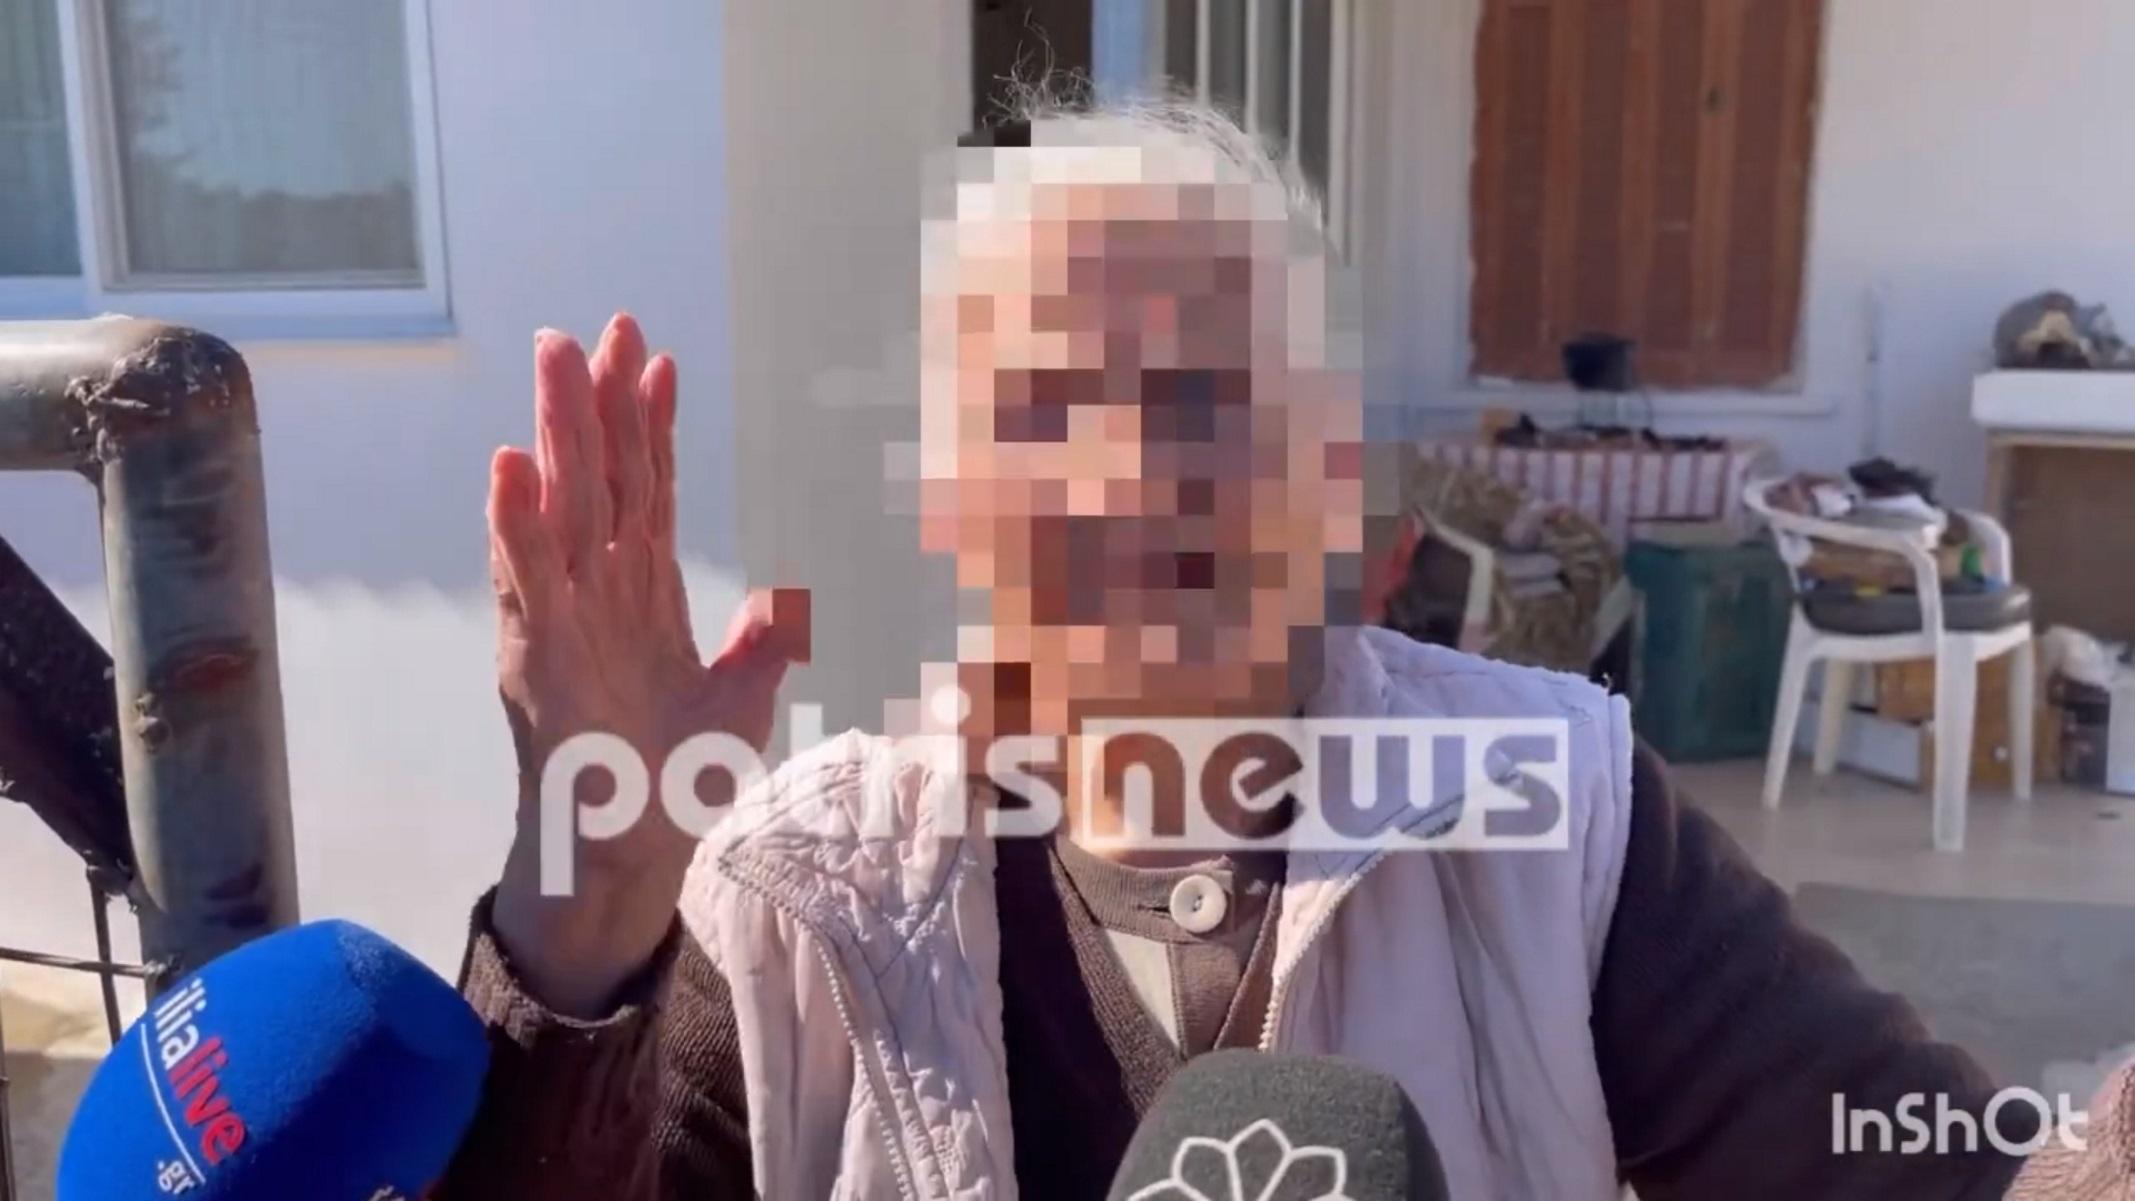 Πύργος: Δικογραφία σε βάρος γιαγιάς επειδή πυροβόλησε με αεροβόλο ληστή που μπούκαρε σπίτι της